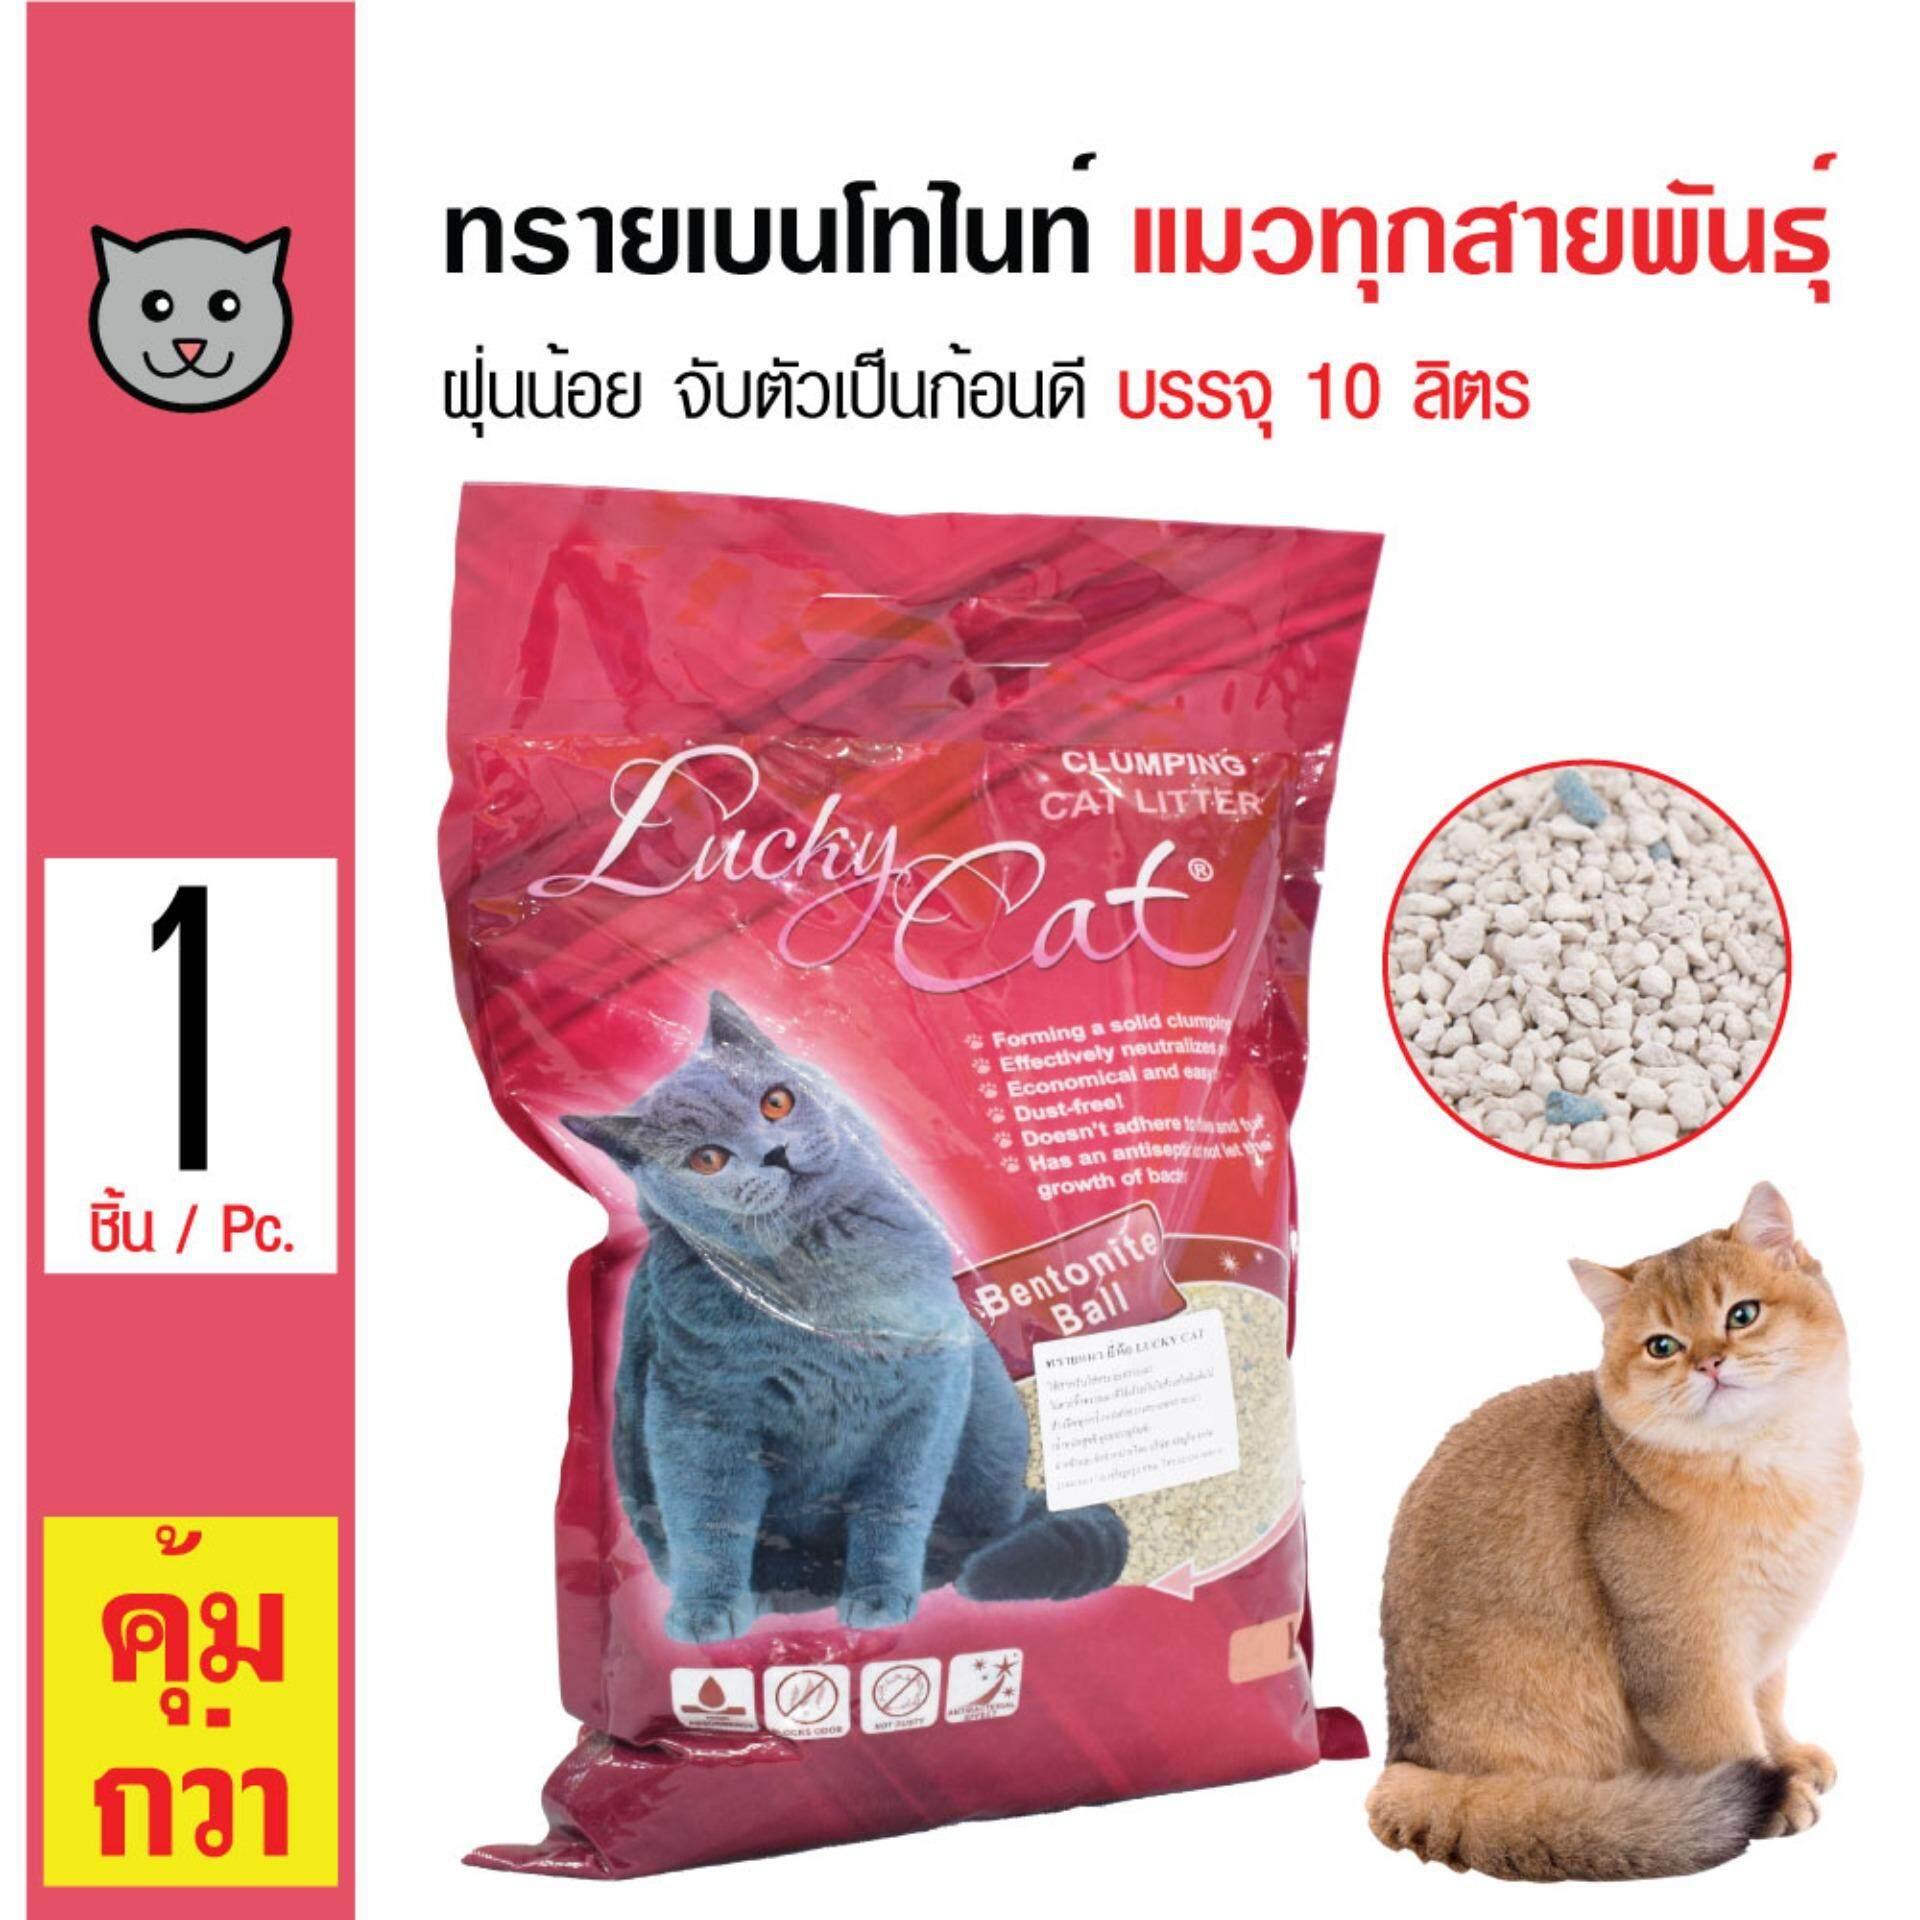 Lucky Cat Litter ทรายแมว ทรายแมวเบนโทไนท์ กลิ่นลาเวนเดอร์ ฝุ่นน้อย จับตัวเป็นก้อน สำหรับแมวทุกวัย (10 ลิตร/ ถุง)